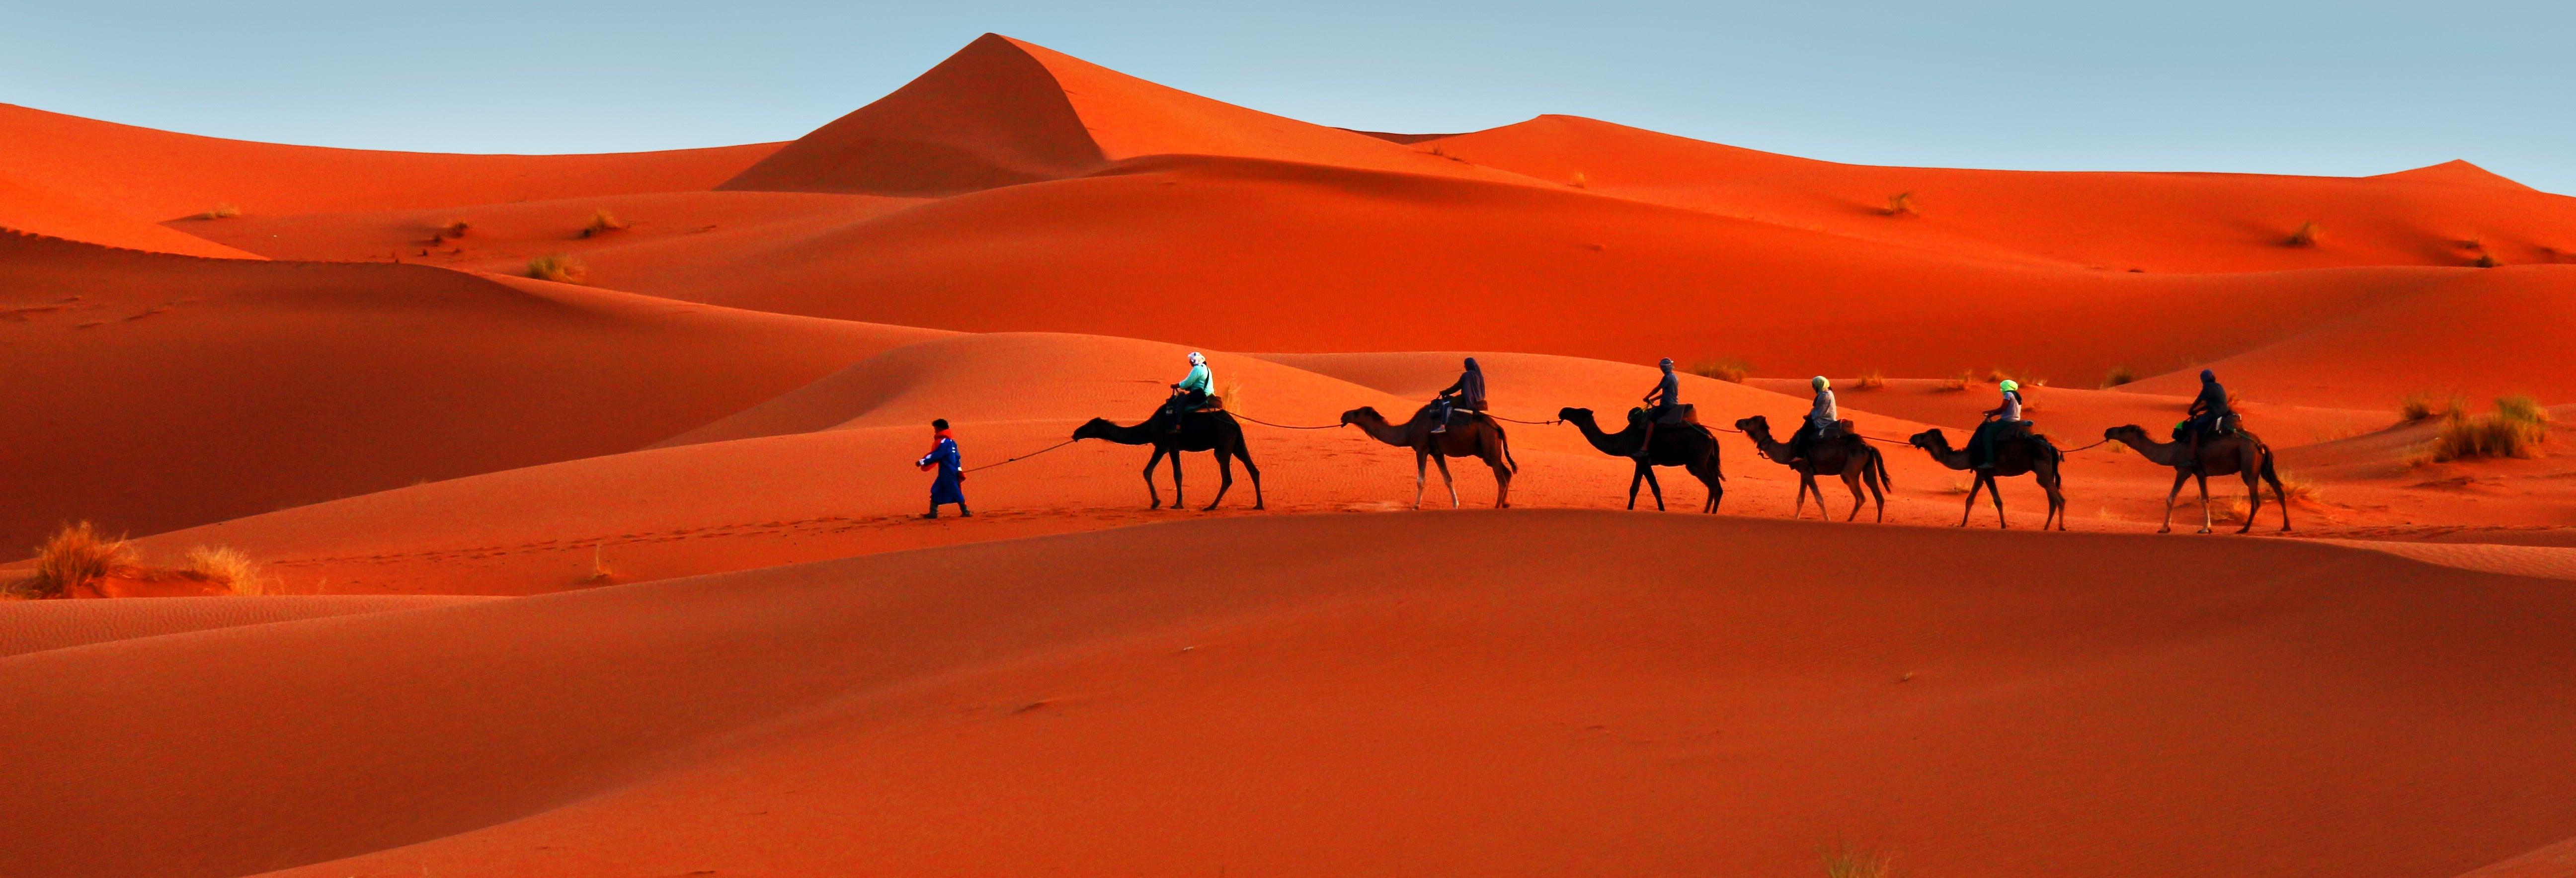 Excursão de 2 dias ao deserto de Merzouga